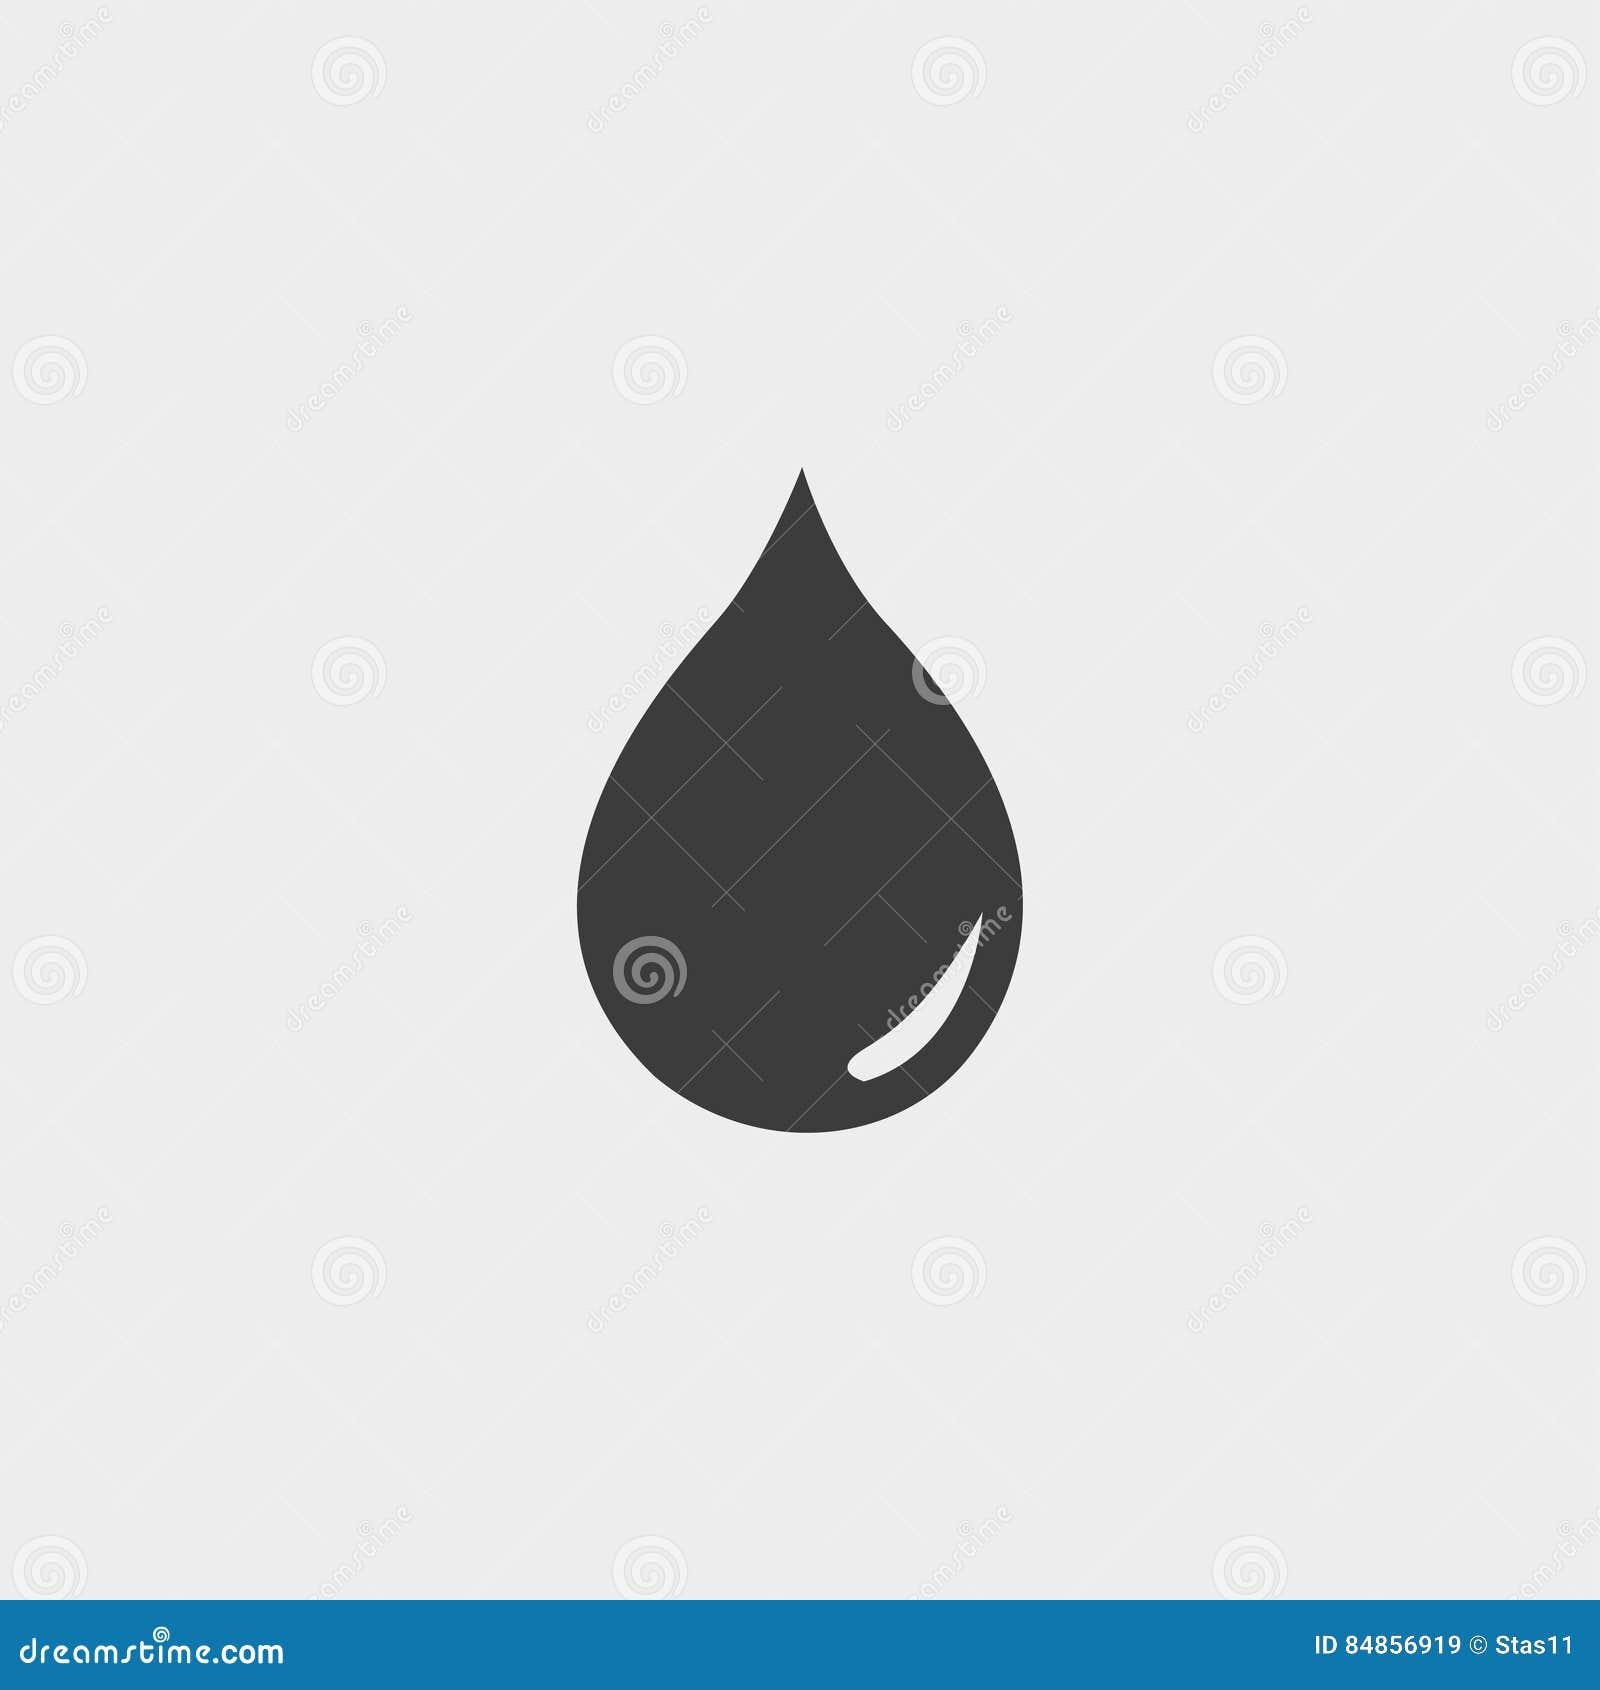 Dalingspictogram in een vlak ontwerp in zwarte kleur Vector illustratie EPS10